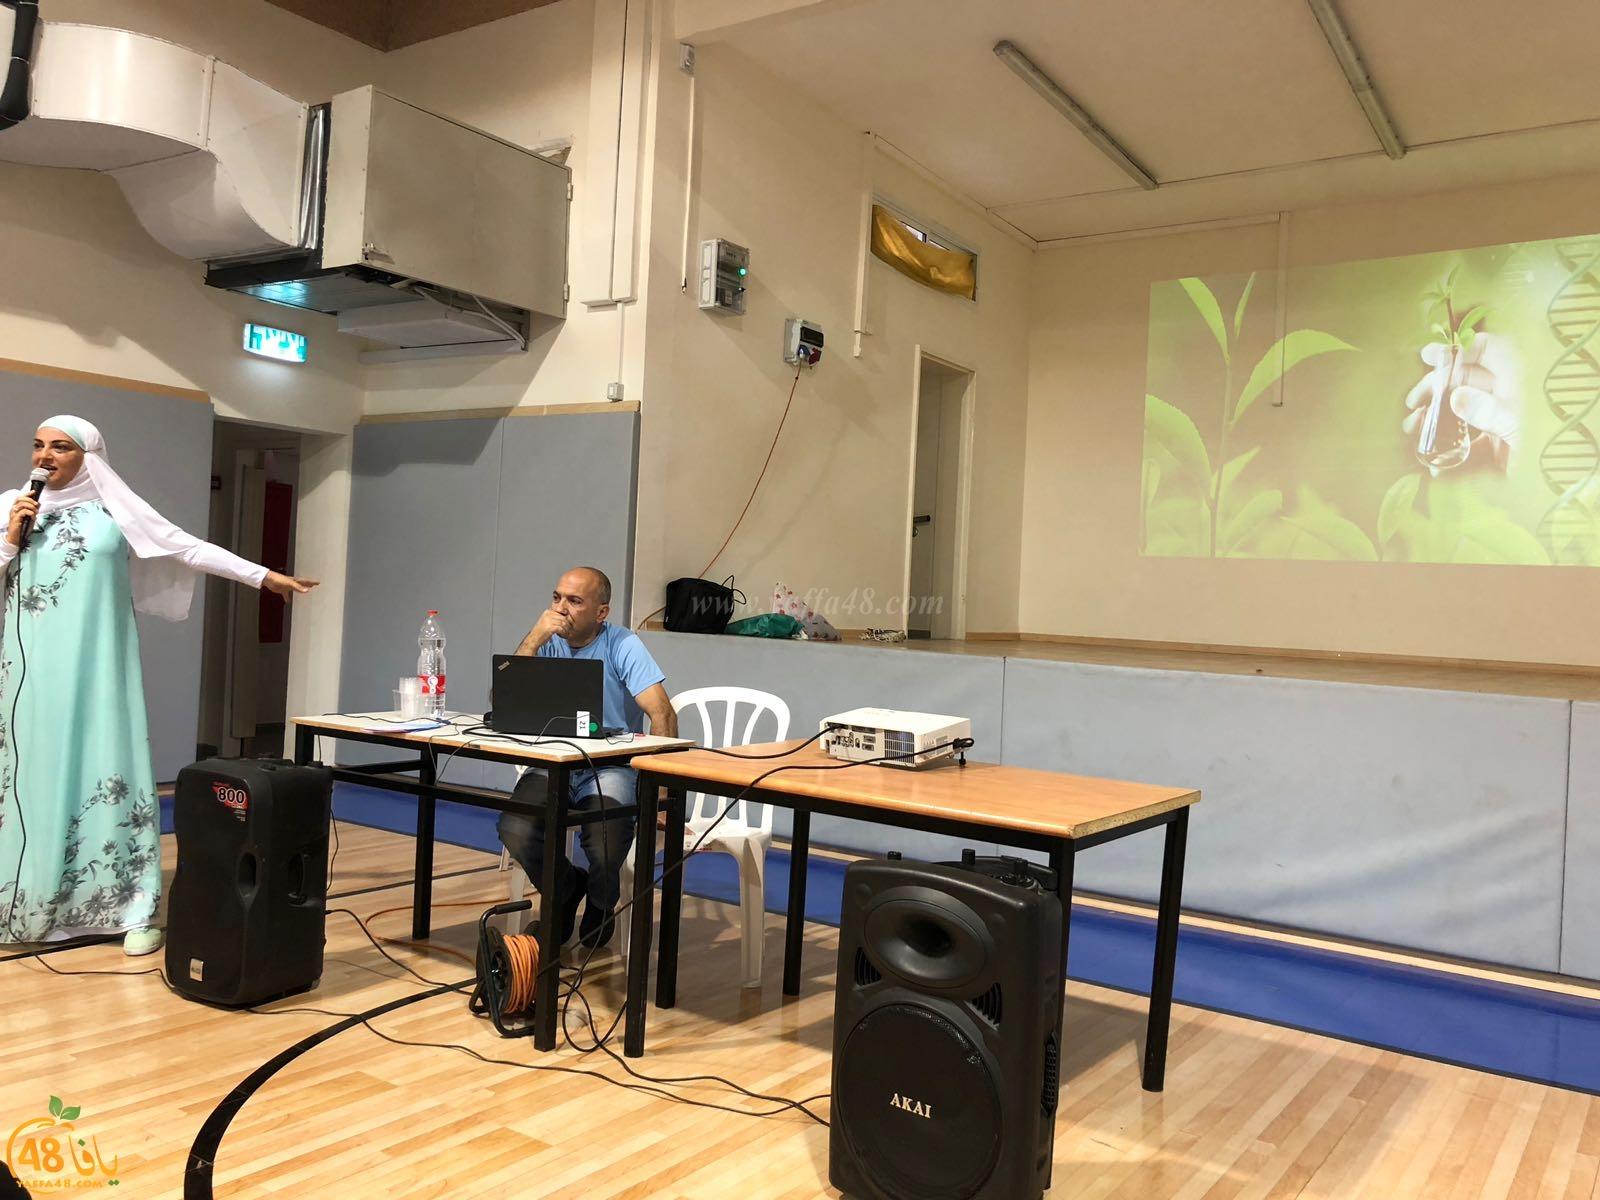 لقاء خاص لعرض التخصصات التعليمية في مدرسة يافا الشاملة